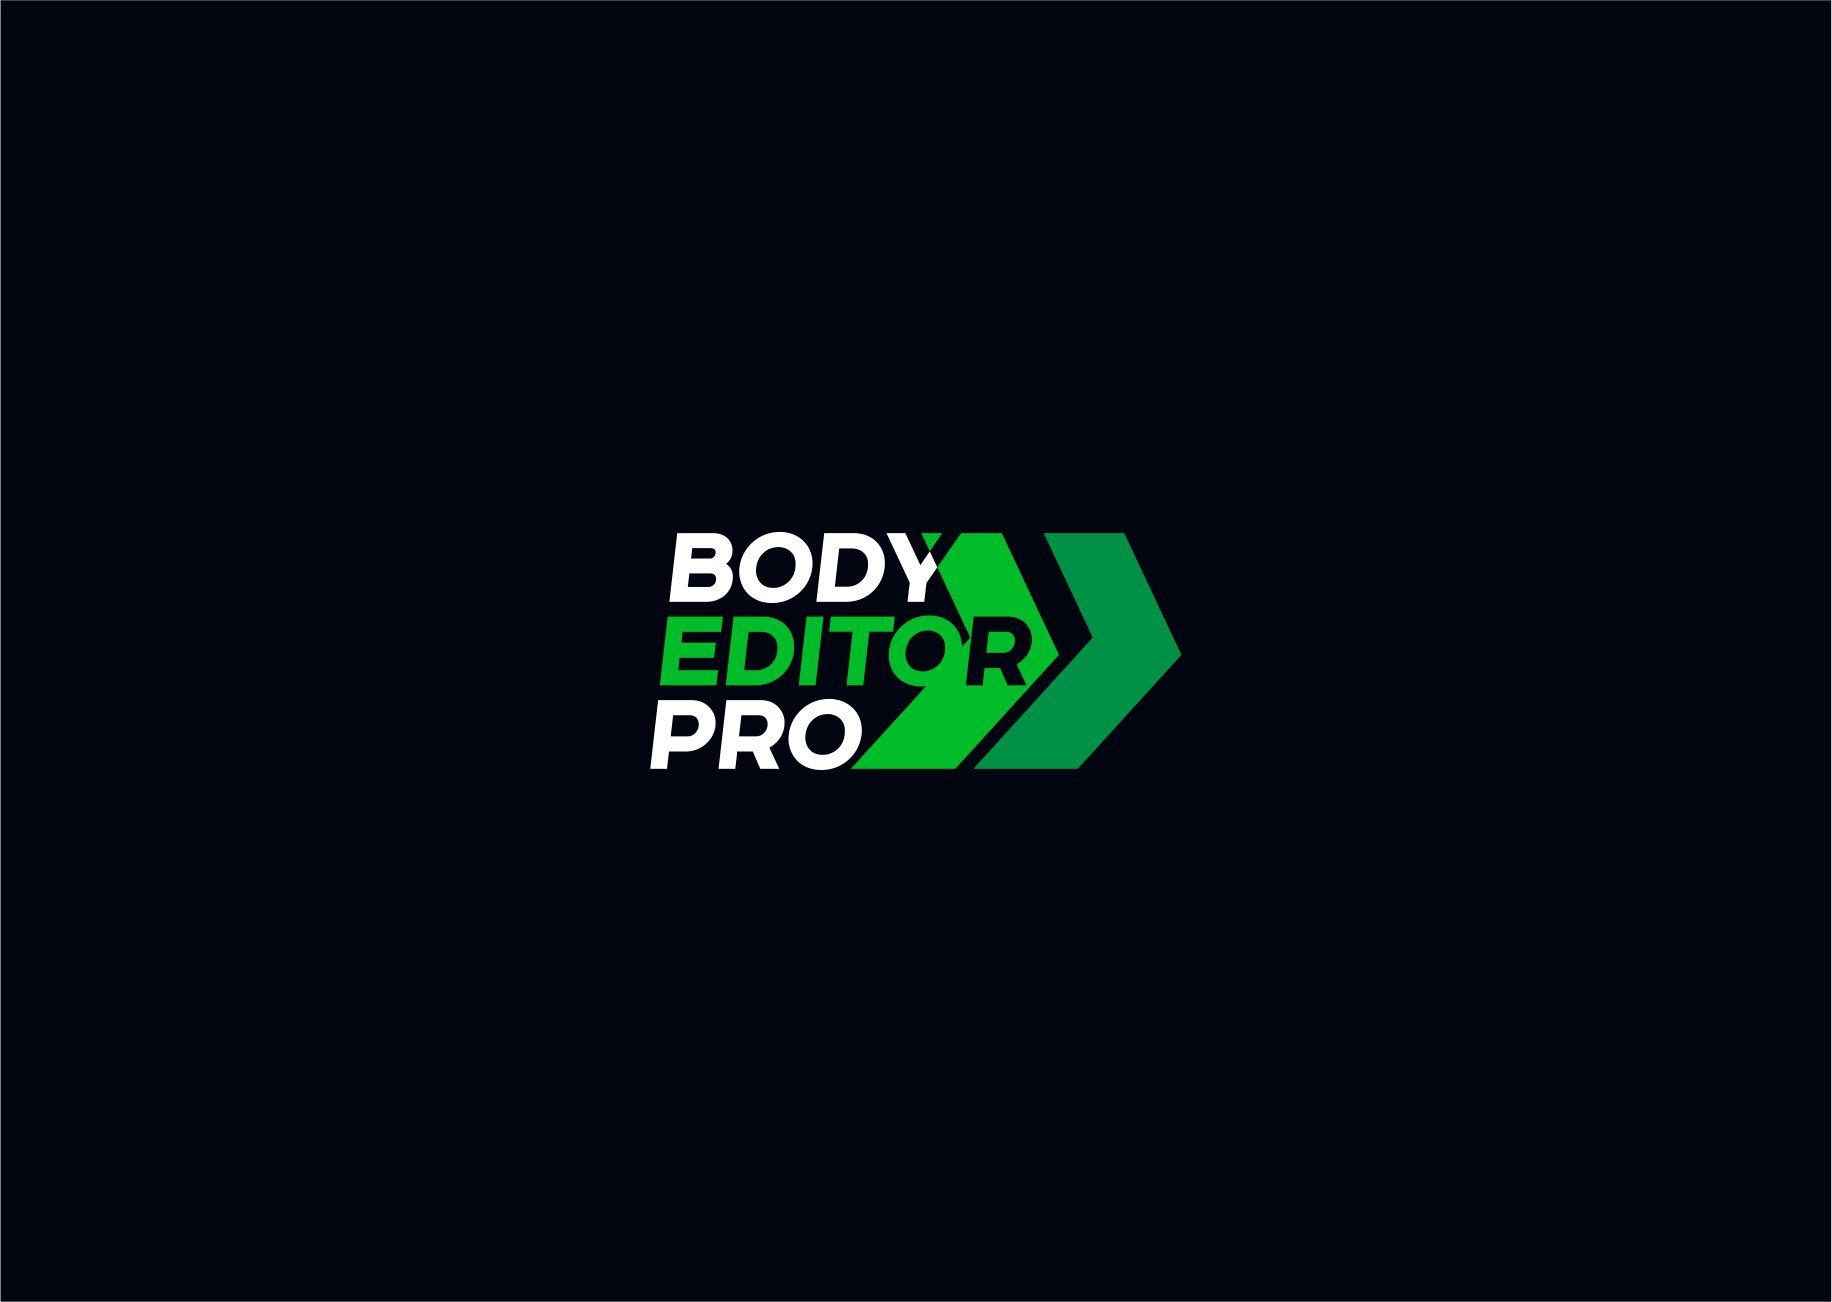 Лого+символ для марки Спортивного питания фото f_003596f3fcea8797.jpg